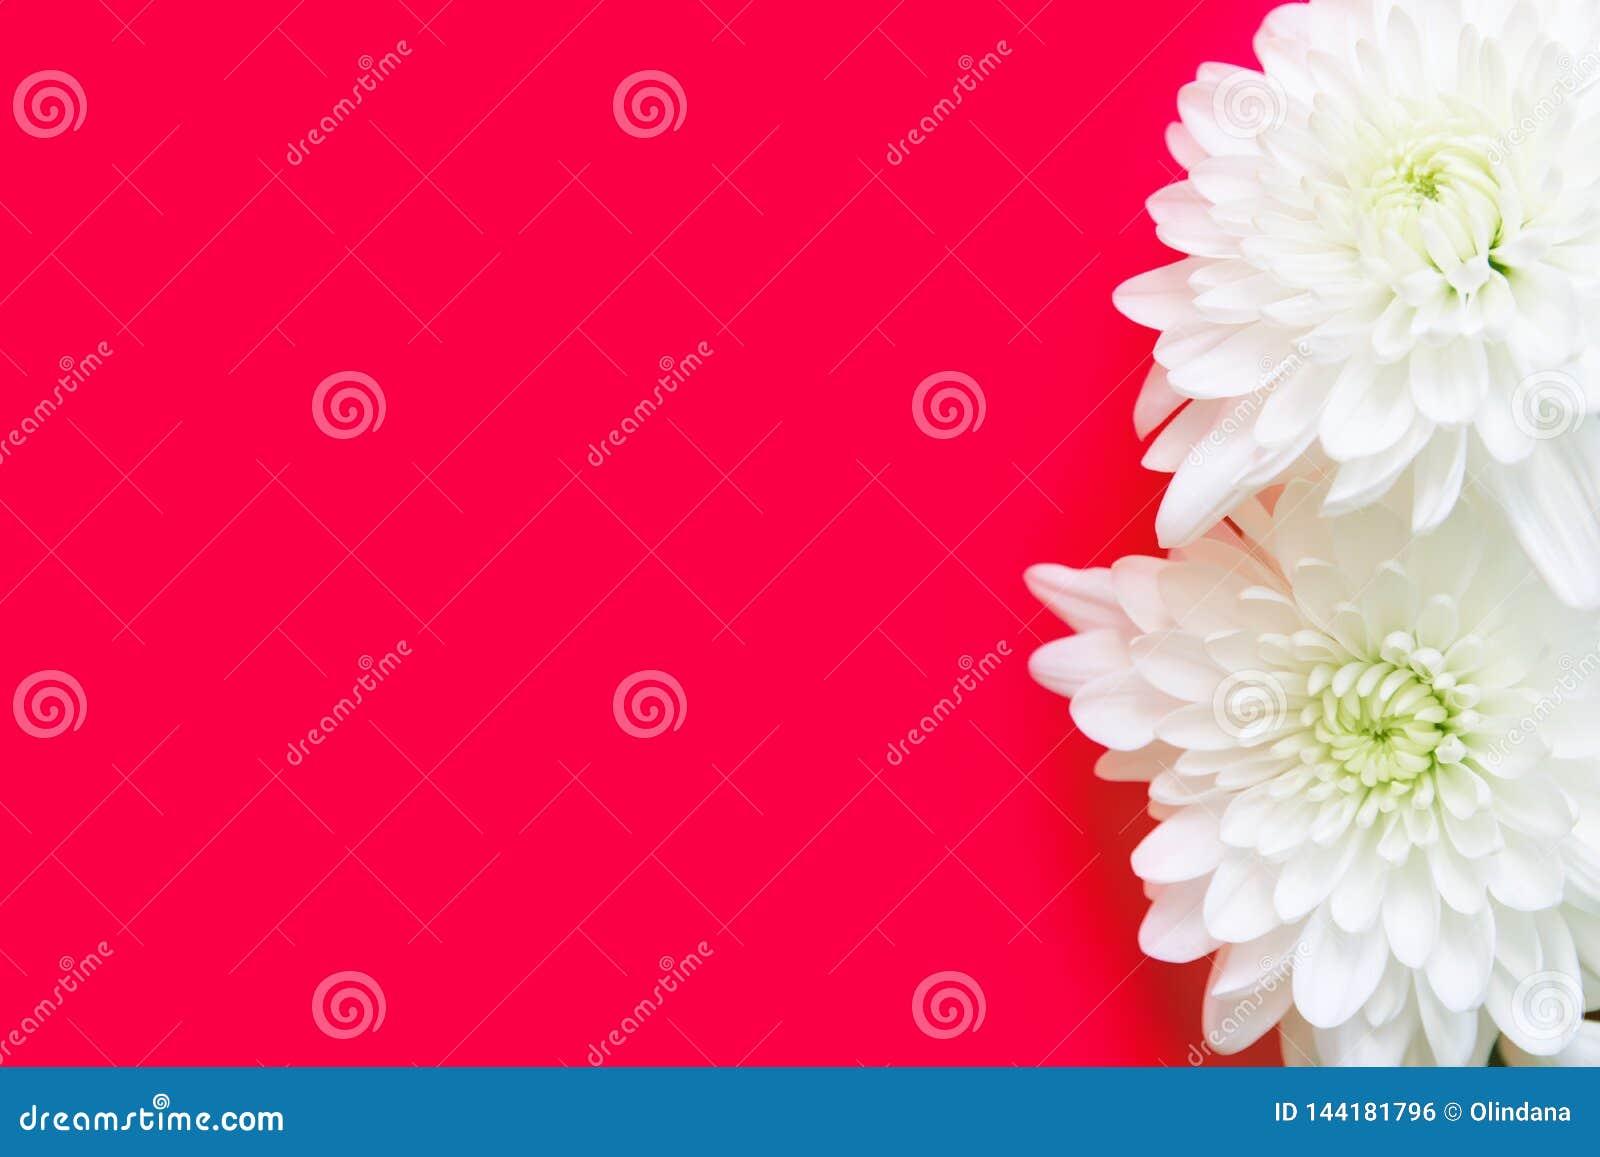 Άσπρα λουλούδια μαργαριτών χρυσάνθεμων στο ροδανιλίνης ρόδινο υπόβαθρο Ρομαντική έννοια γαμήλιας δέσμευσης Ημέρα μητέρων βαλεντίν